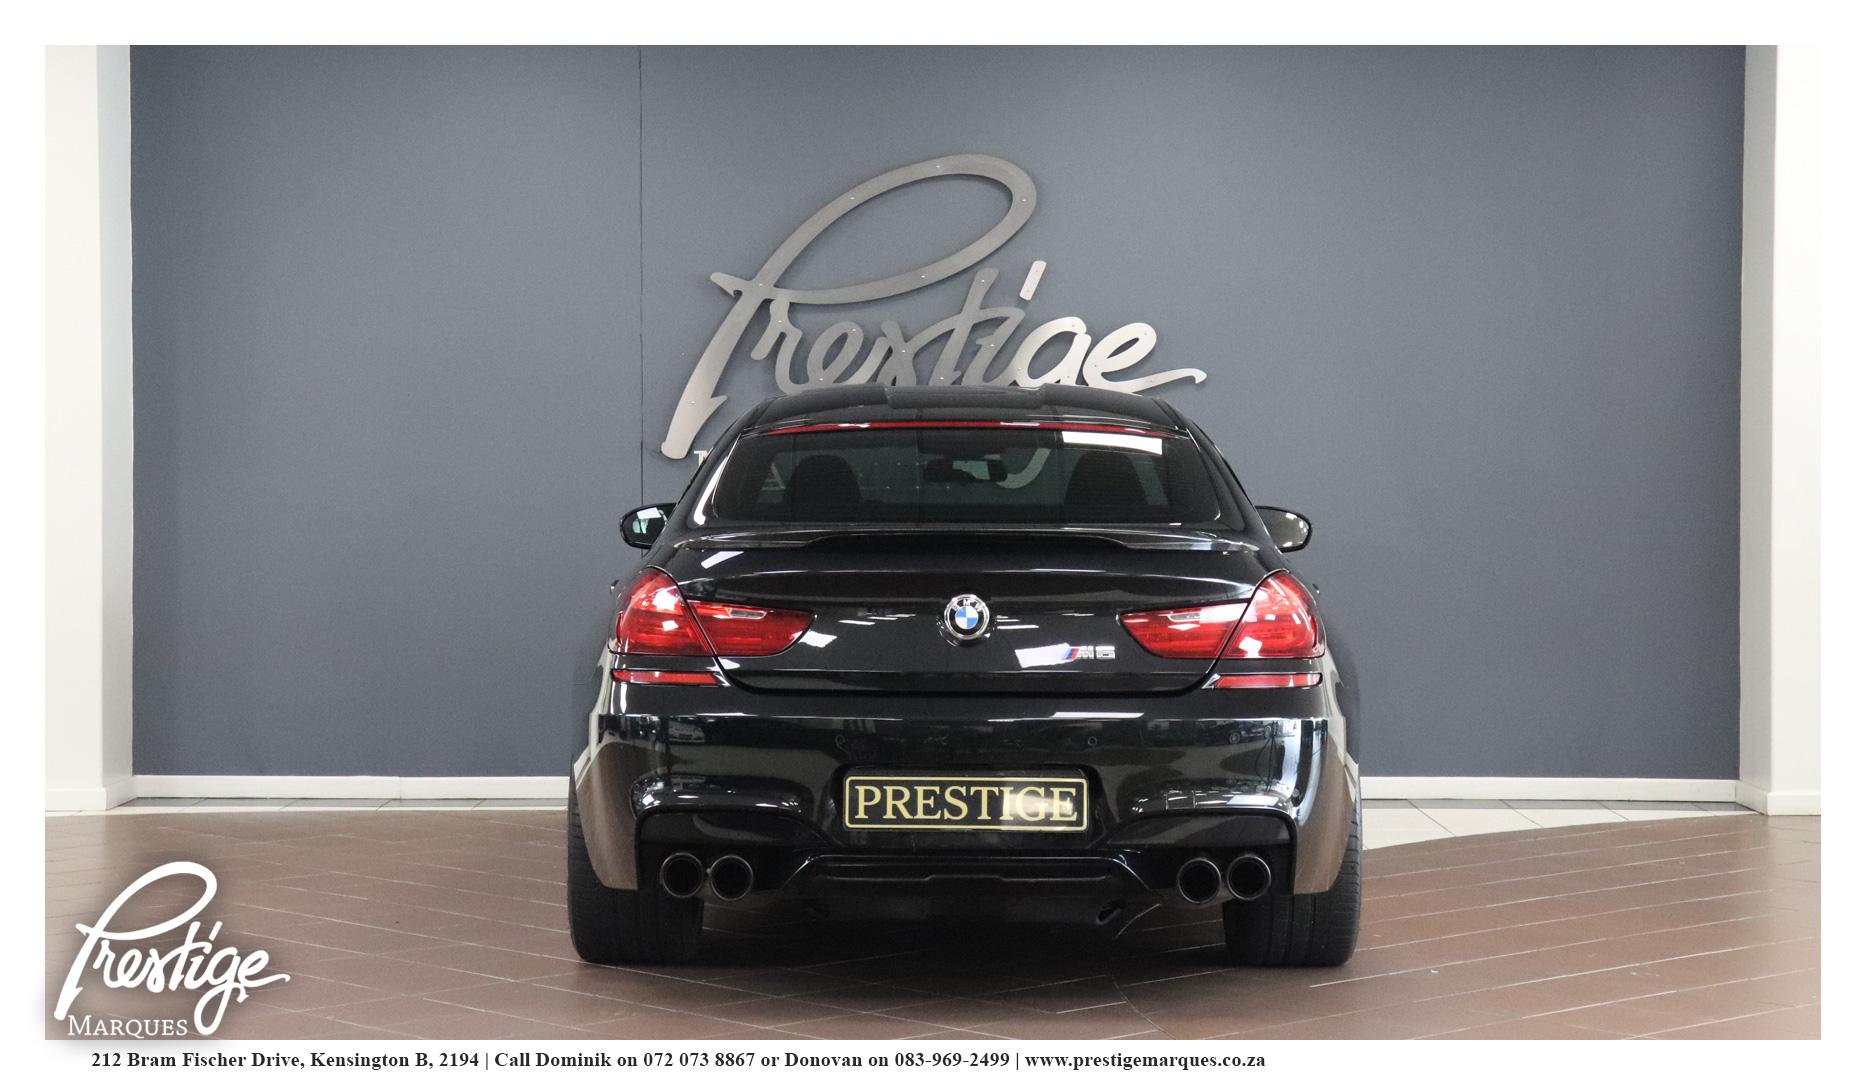 Prestige-Marques-2014-BMW-M6-Gran Coupe-MDCT-4